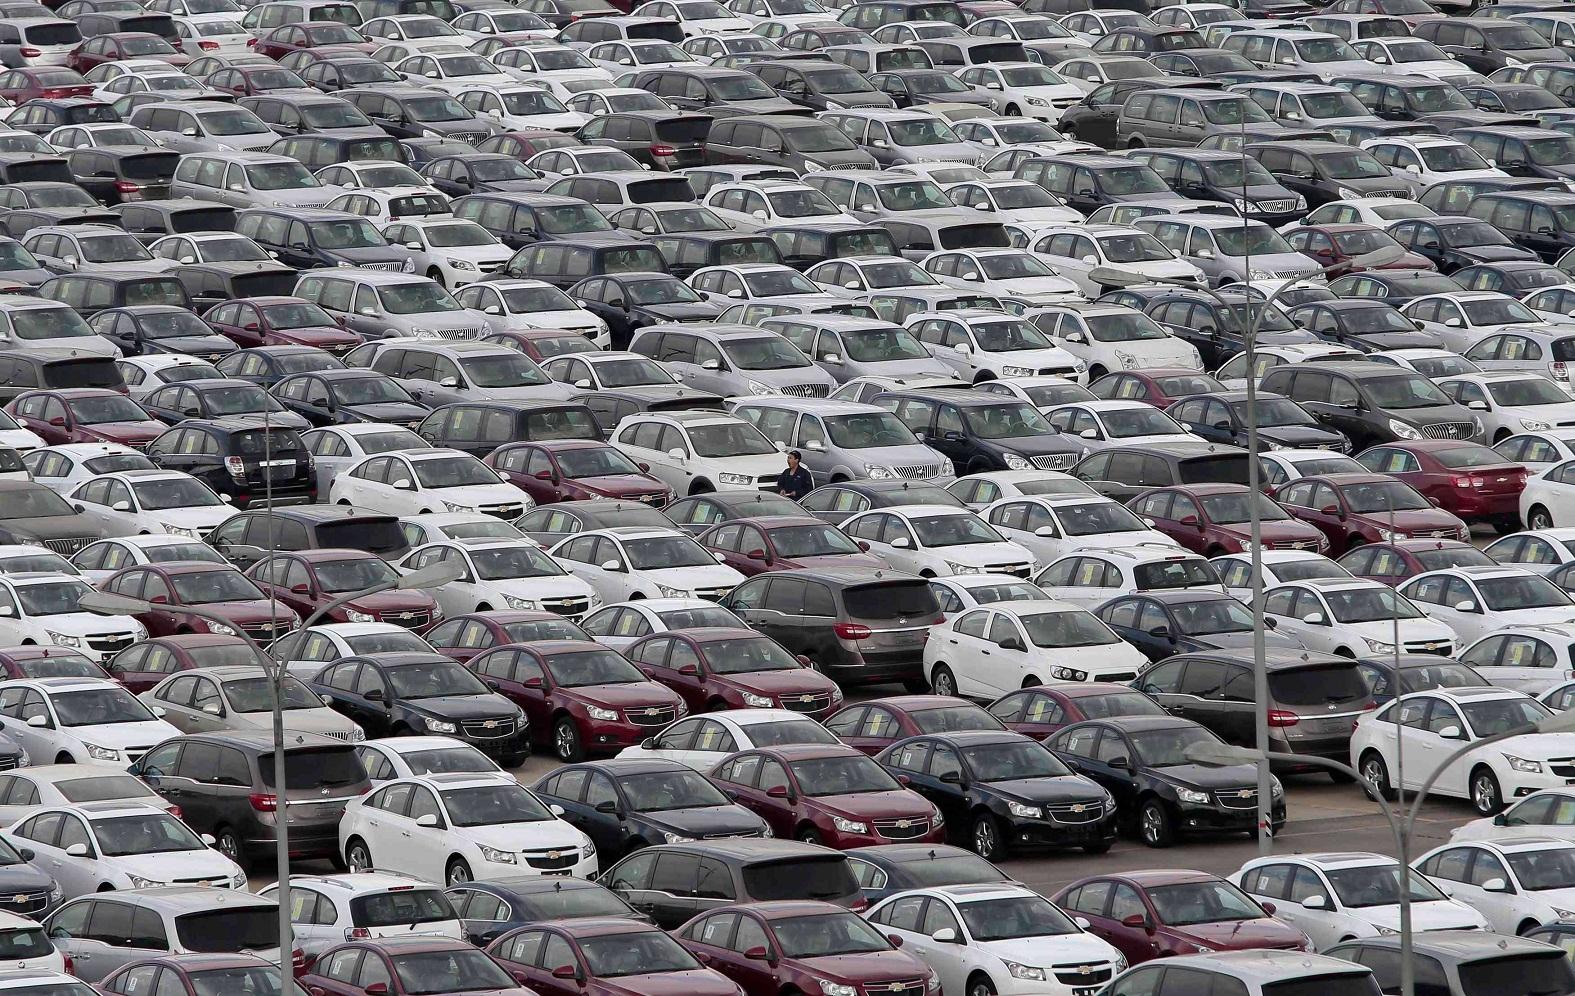 מכוניות. היבואנים נדיבים יותר בהנחות למועדוני הצרכנות. חפשו אותן (צילום: רויטרס) (צילום: רויטרס)